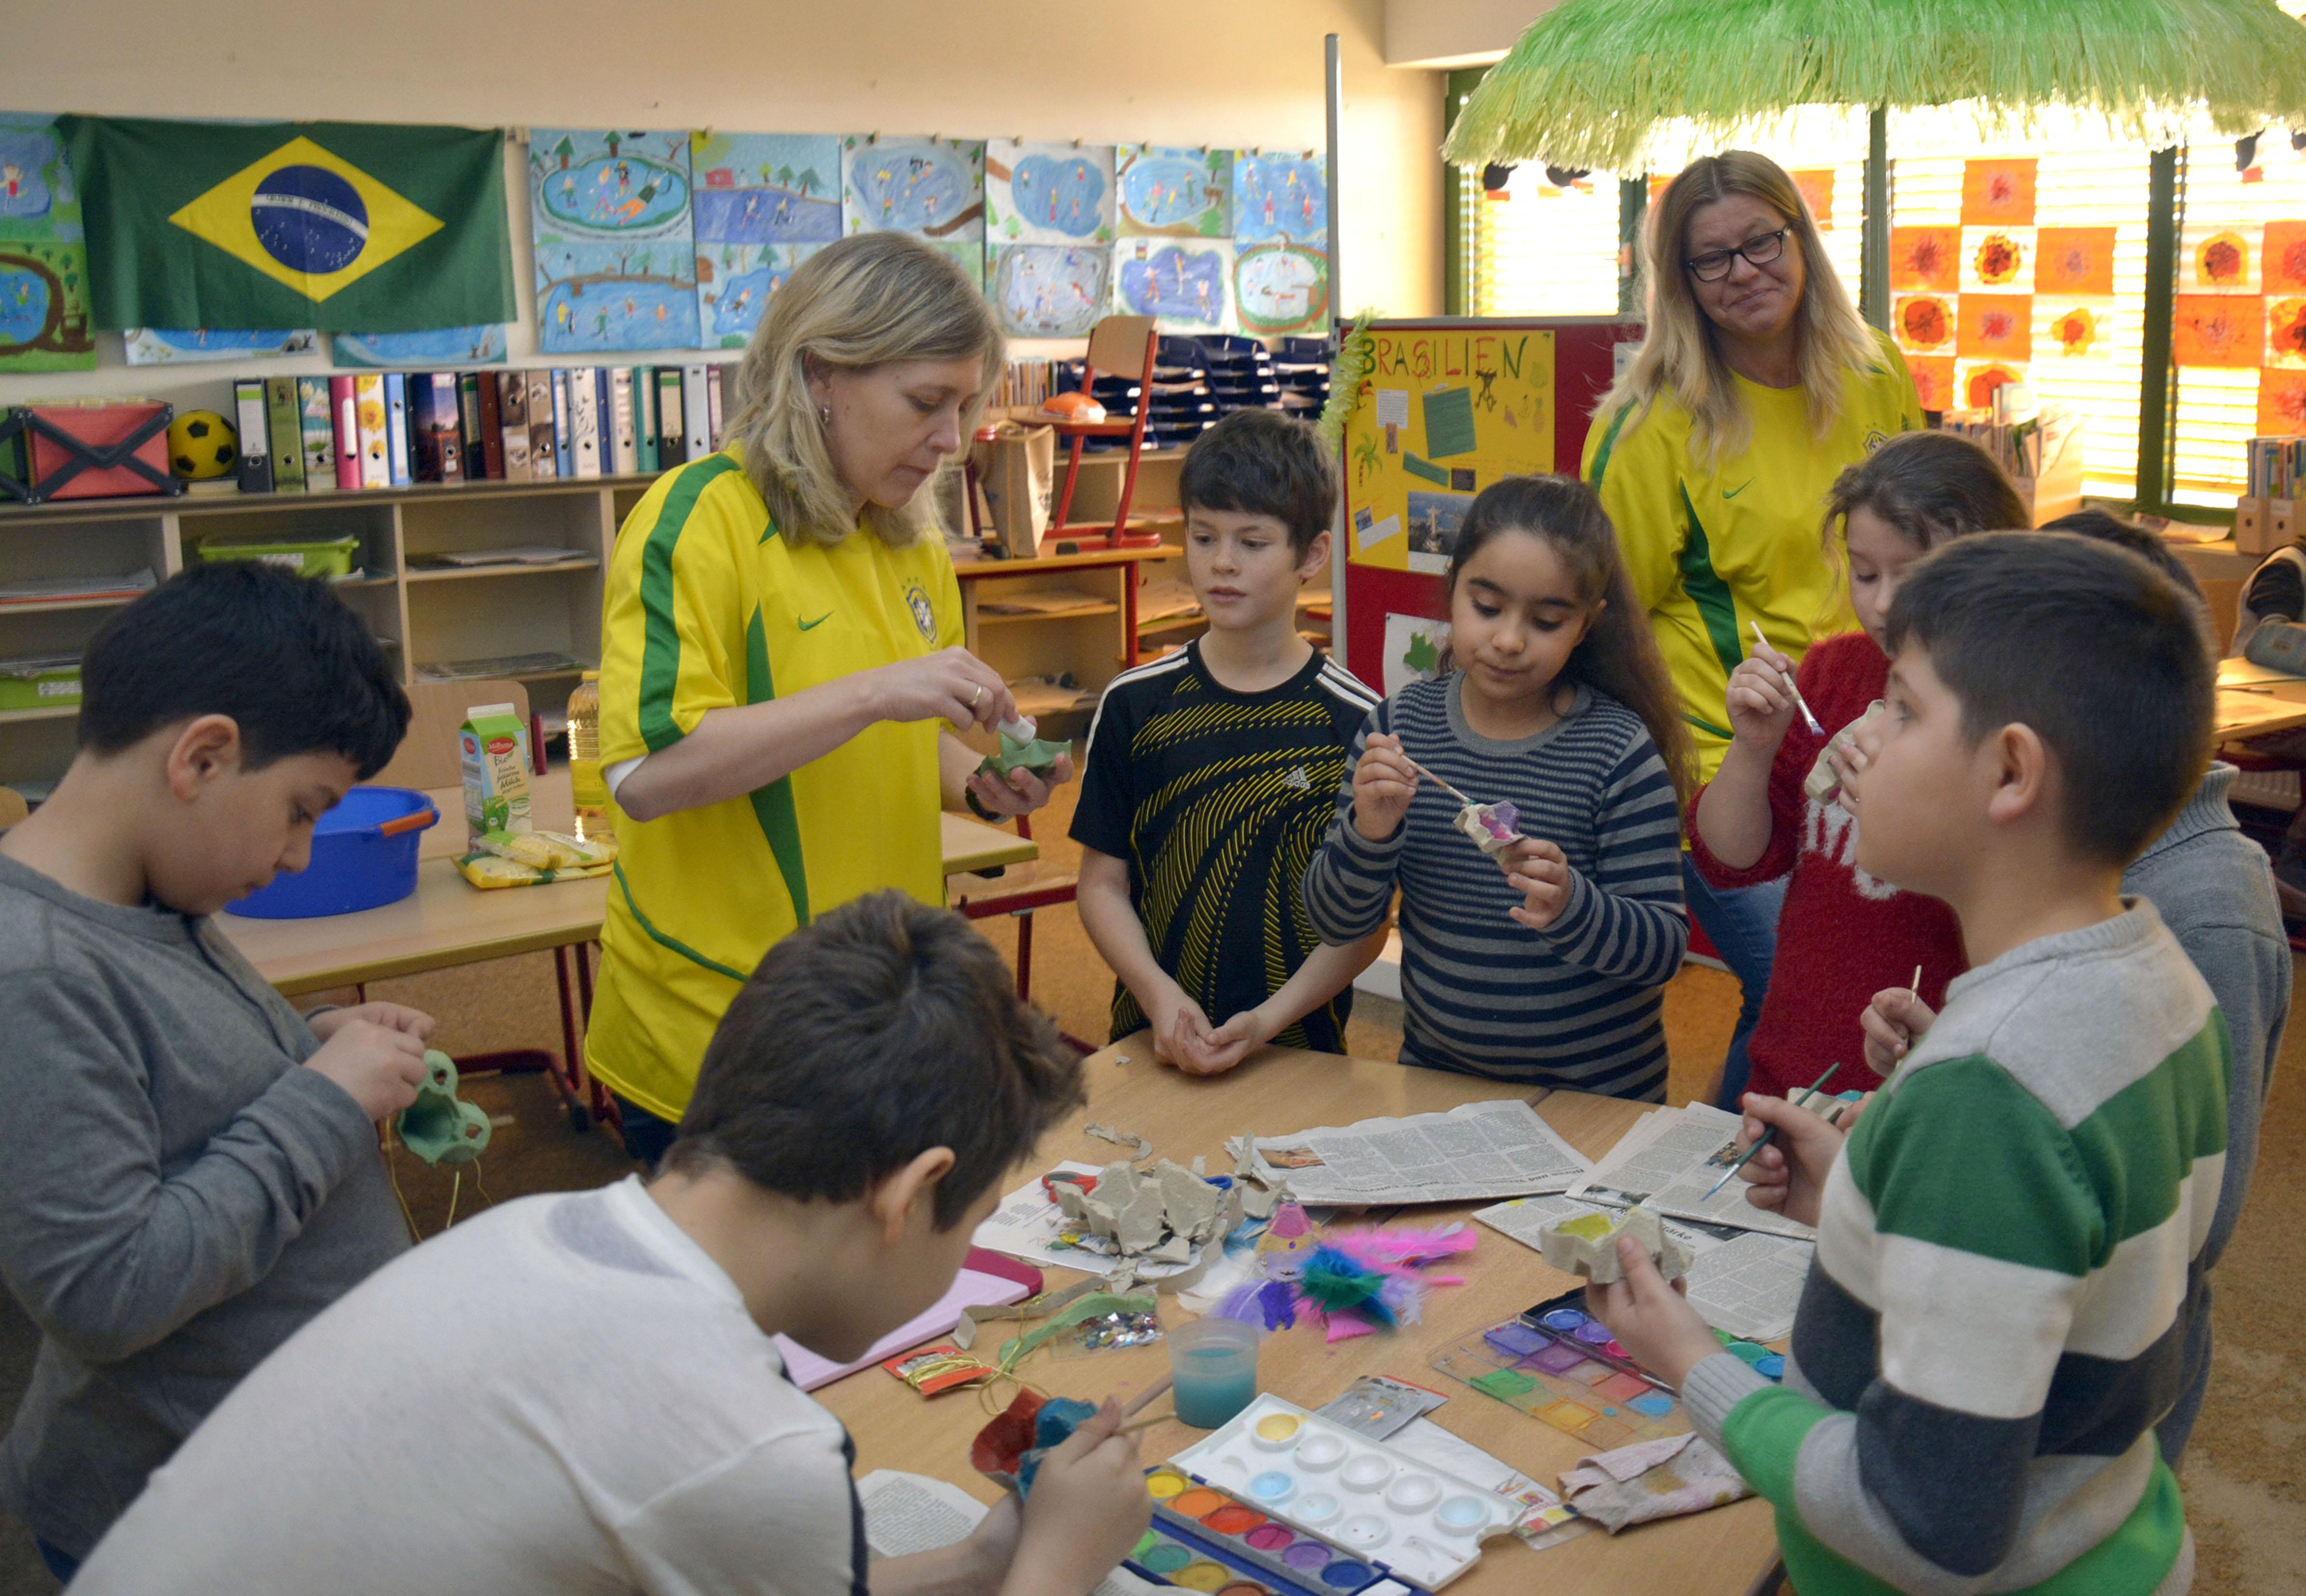 Brasilien basteln (3)